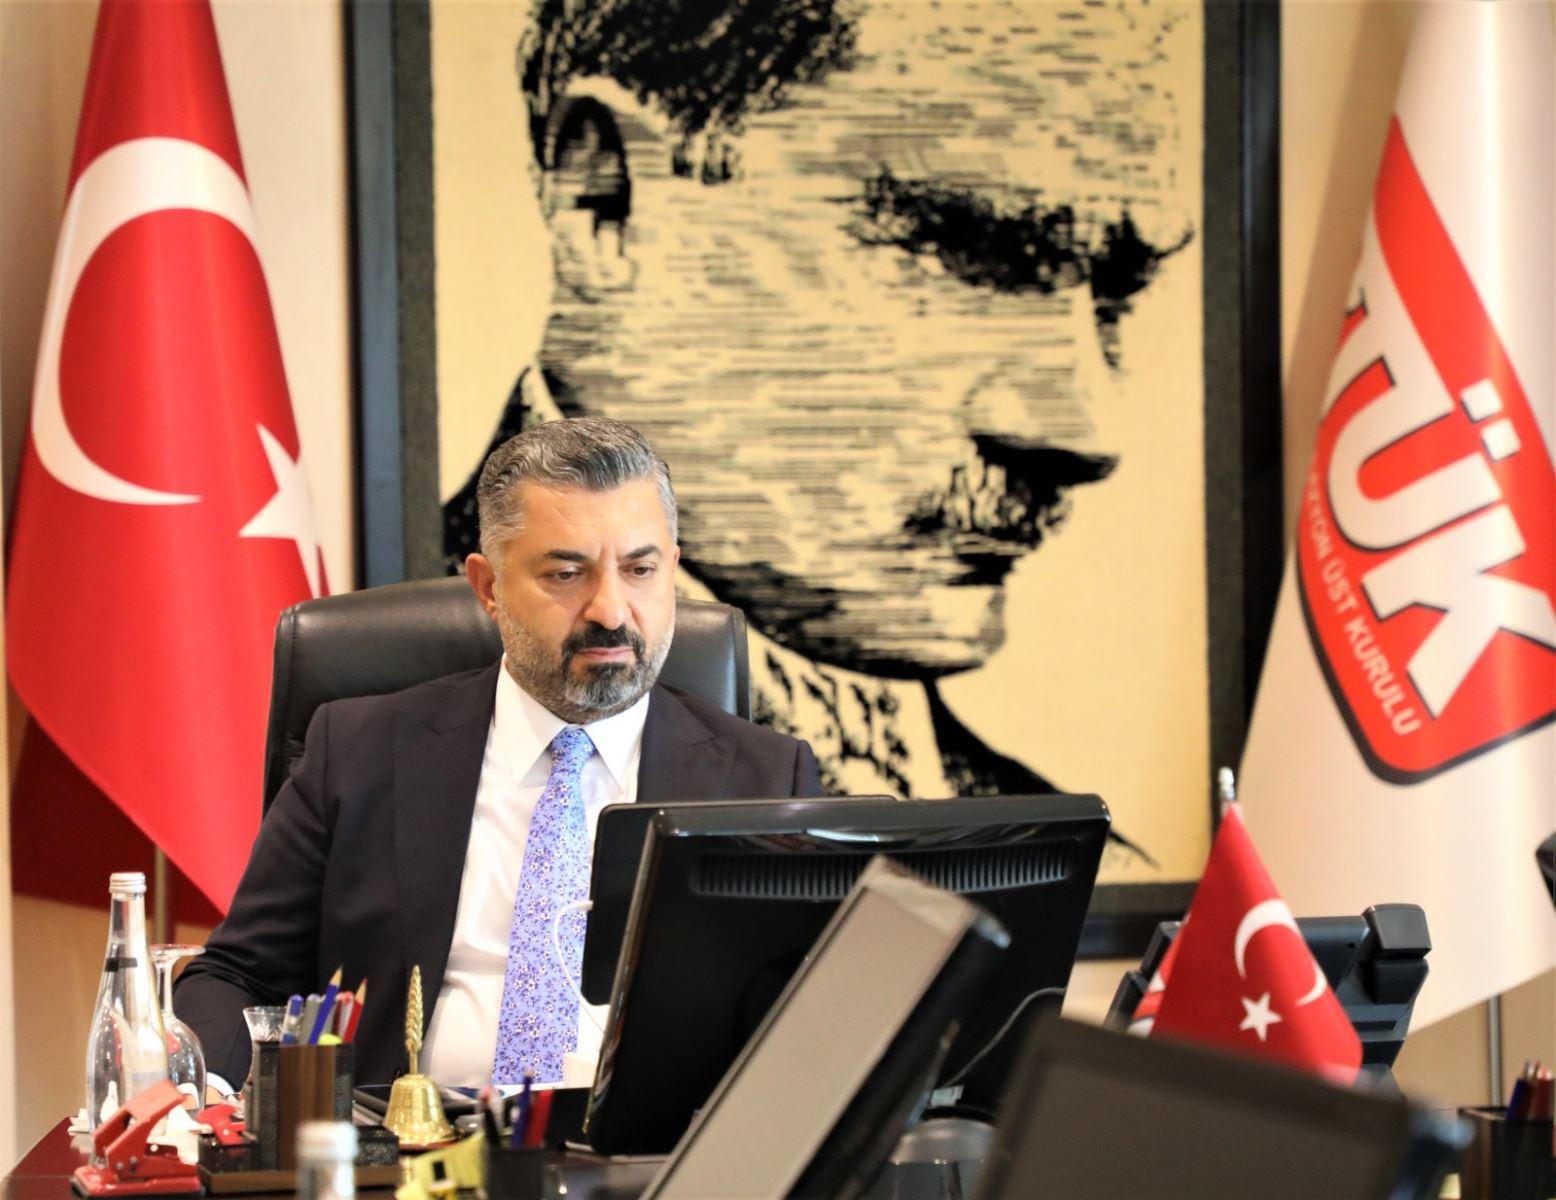 Son dakika... RTÜK'de seçim sona erdi: Ebubekir Şahin yeniden başkan seçildi